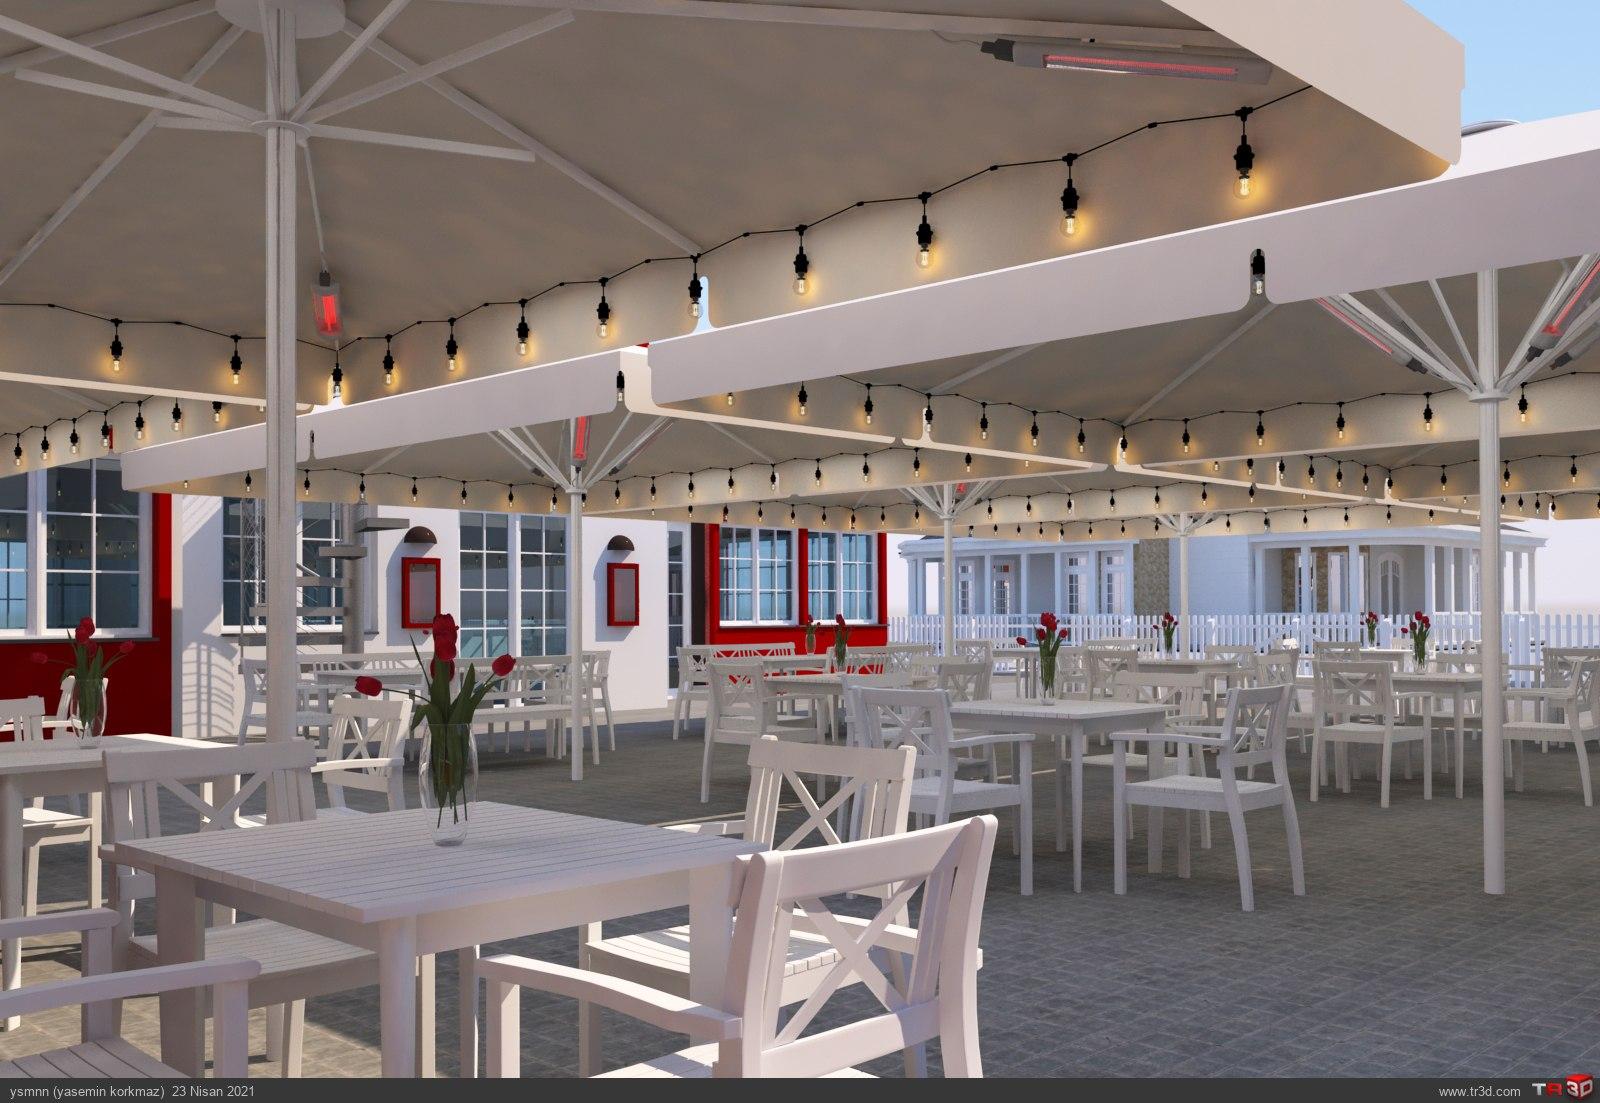 Ruths Hotel Parasol 2